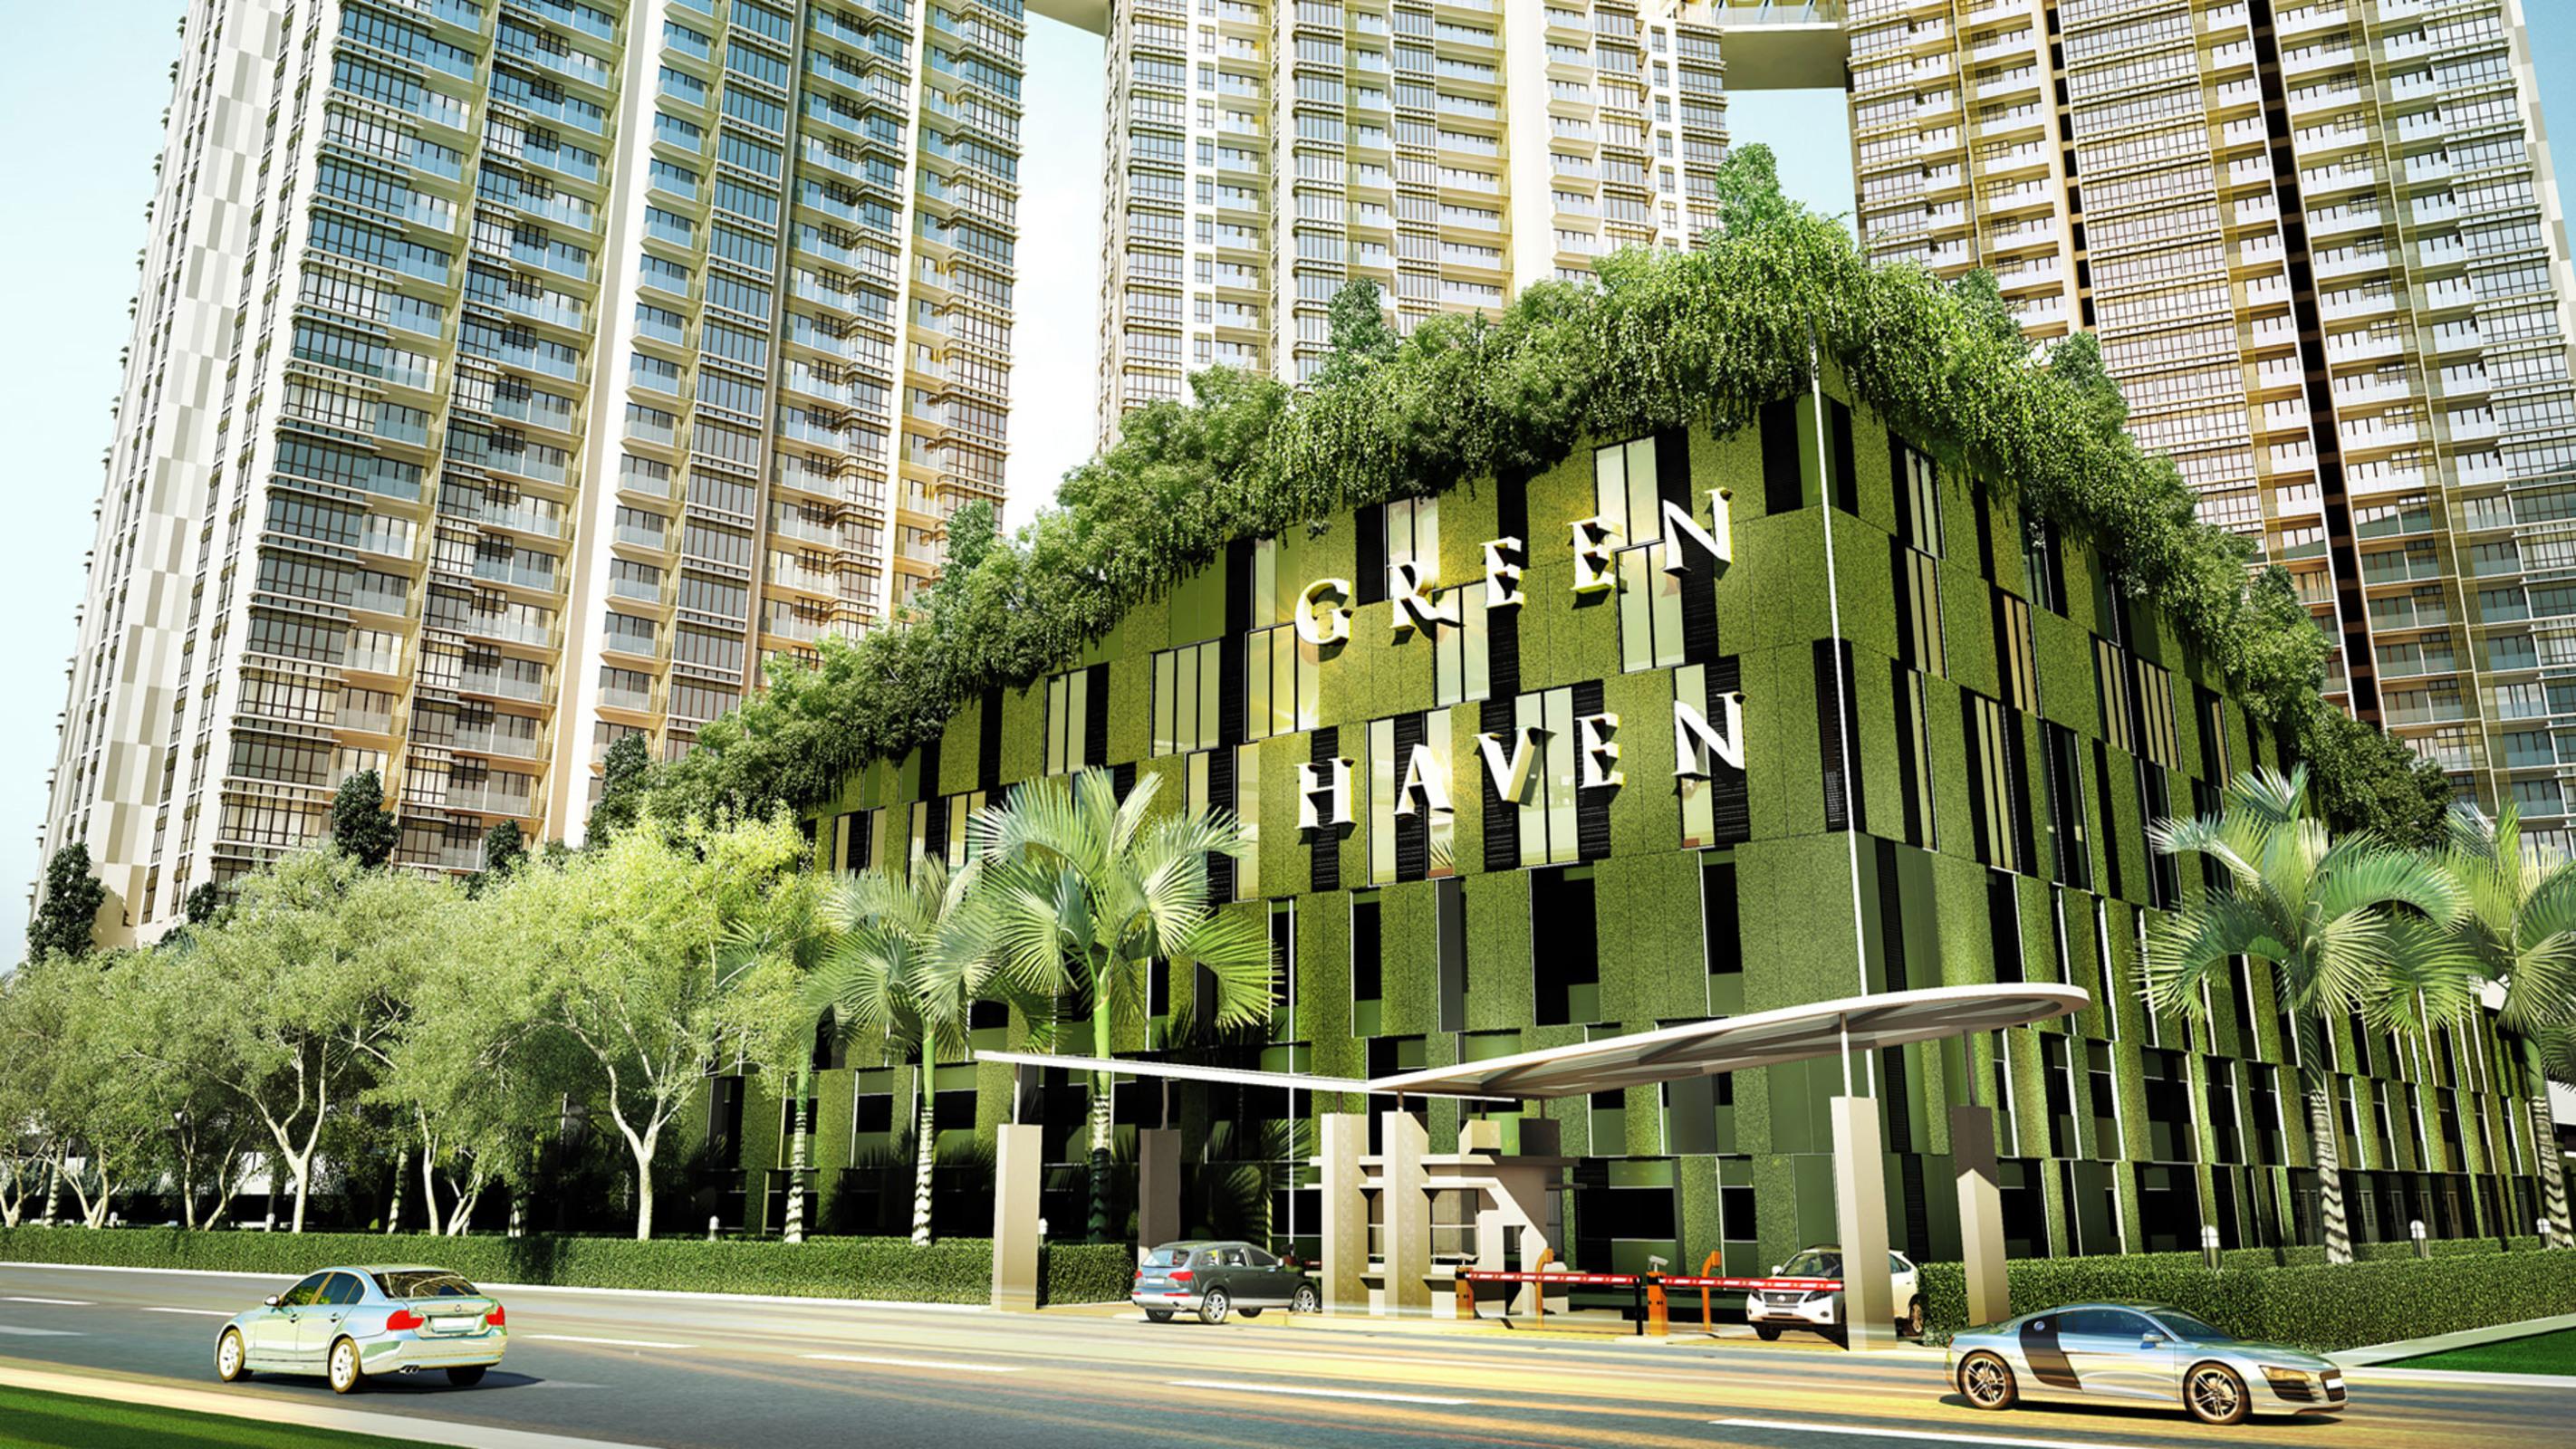 Green haven johor